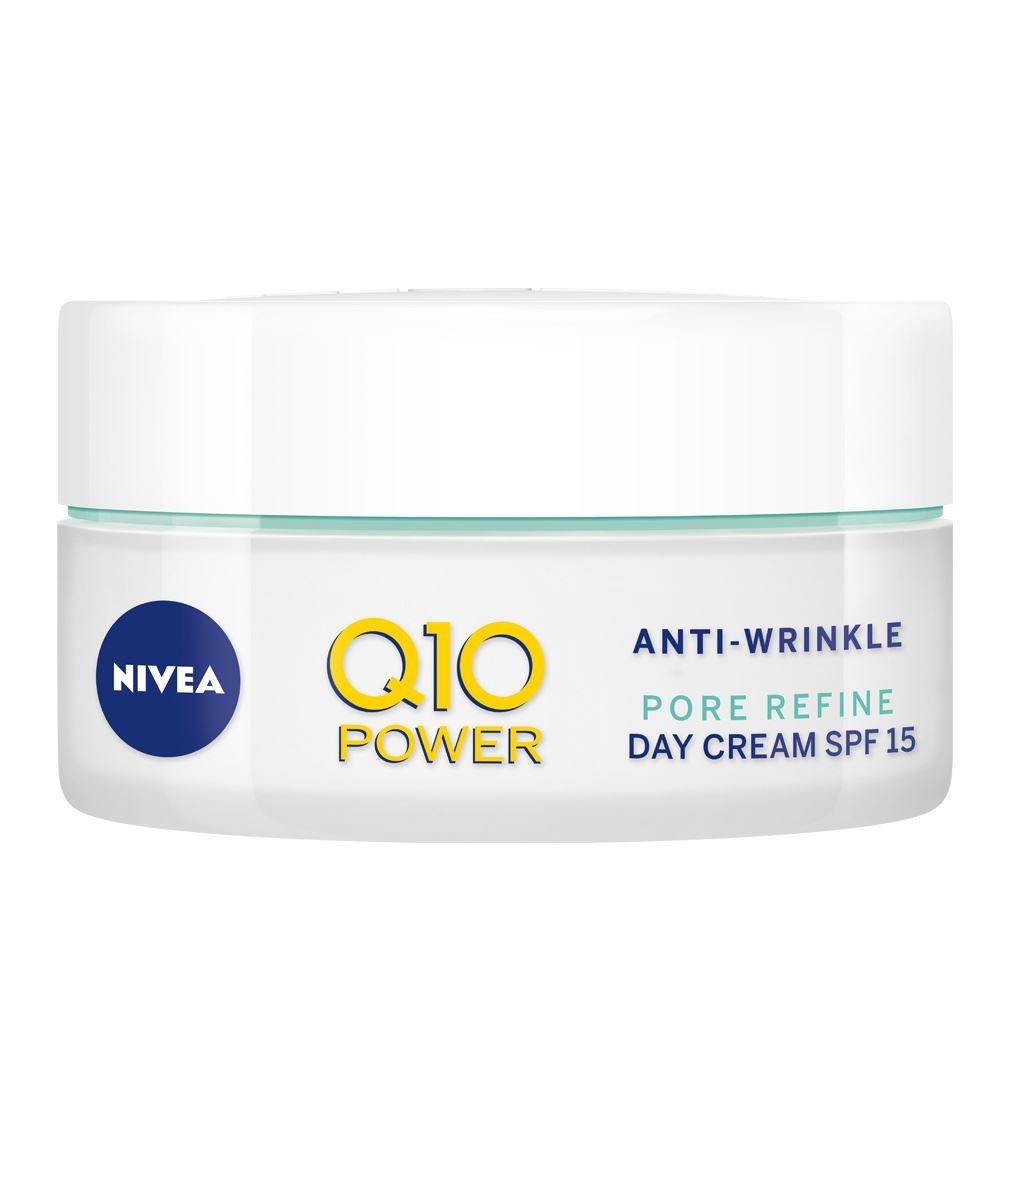 НИВЕА Q10+ ПАУЪР Дневен крем против бръчки за смесена кожа SPF15 50мл   NIVEA Q10+ POWER Anti-wrinkle moistiruzing day combination skin SPF15 50ml